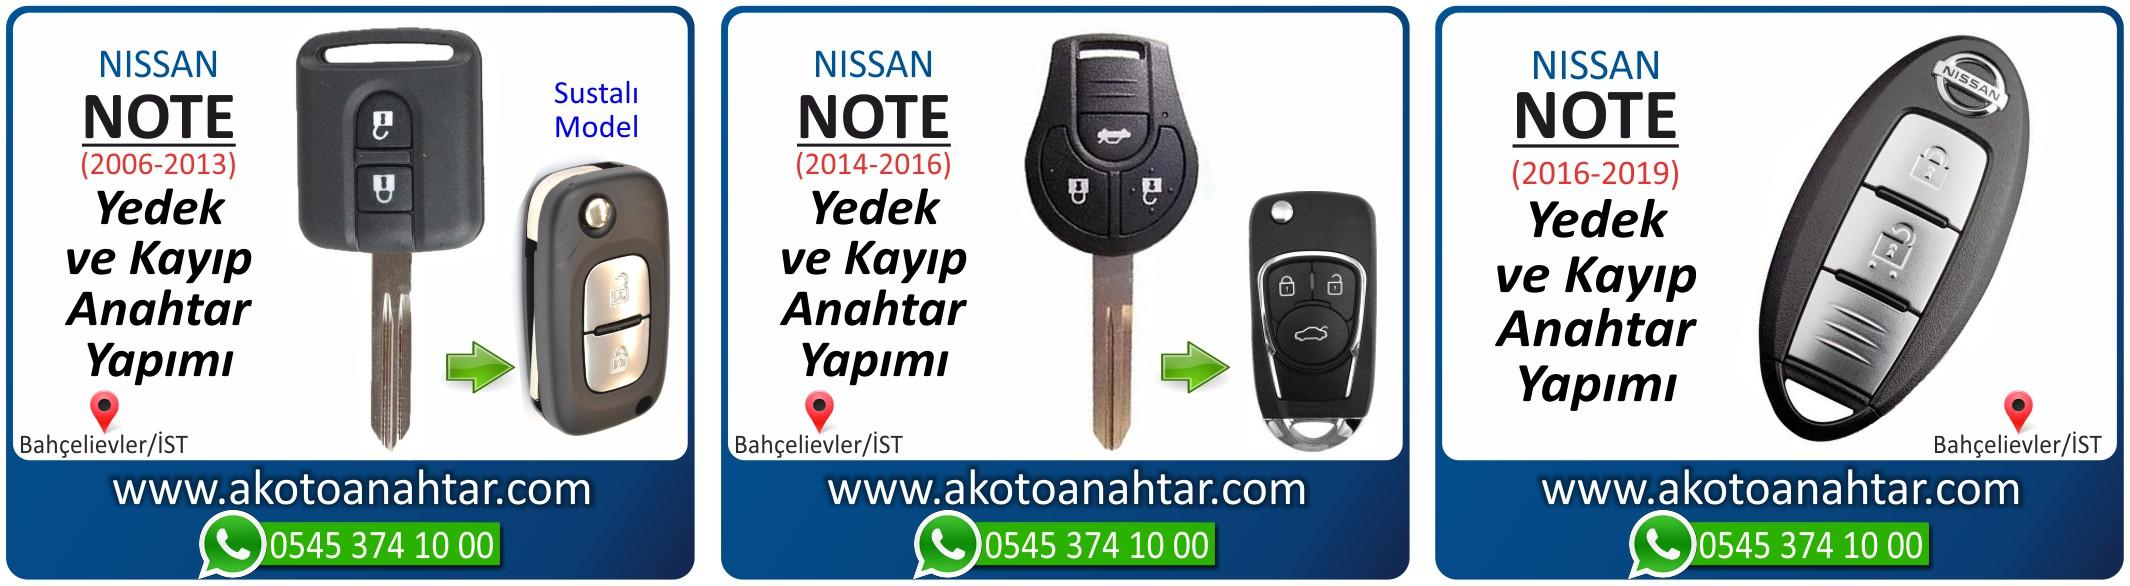 Nissan note anahtarı - Nissan Note Smart Anahtarı | Yedek ve Kayıp Anahtar Yapımı